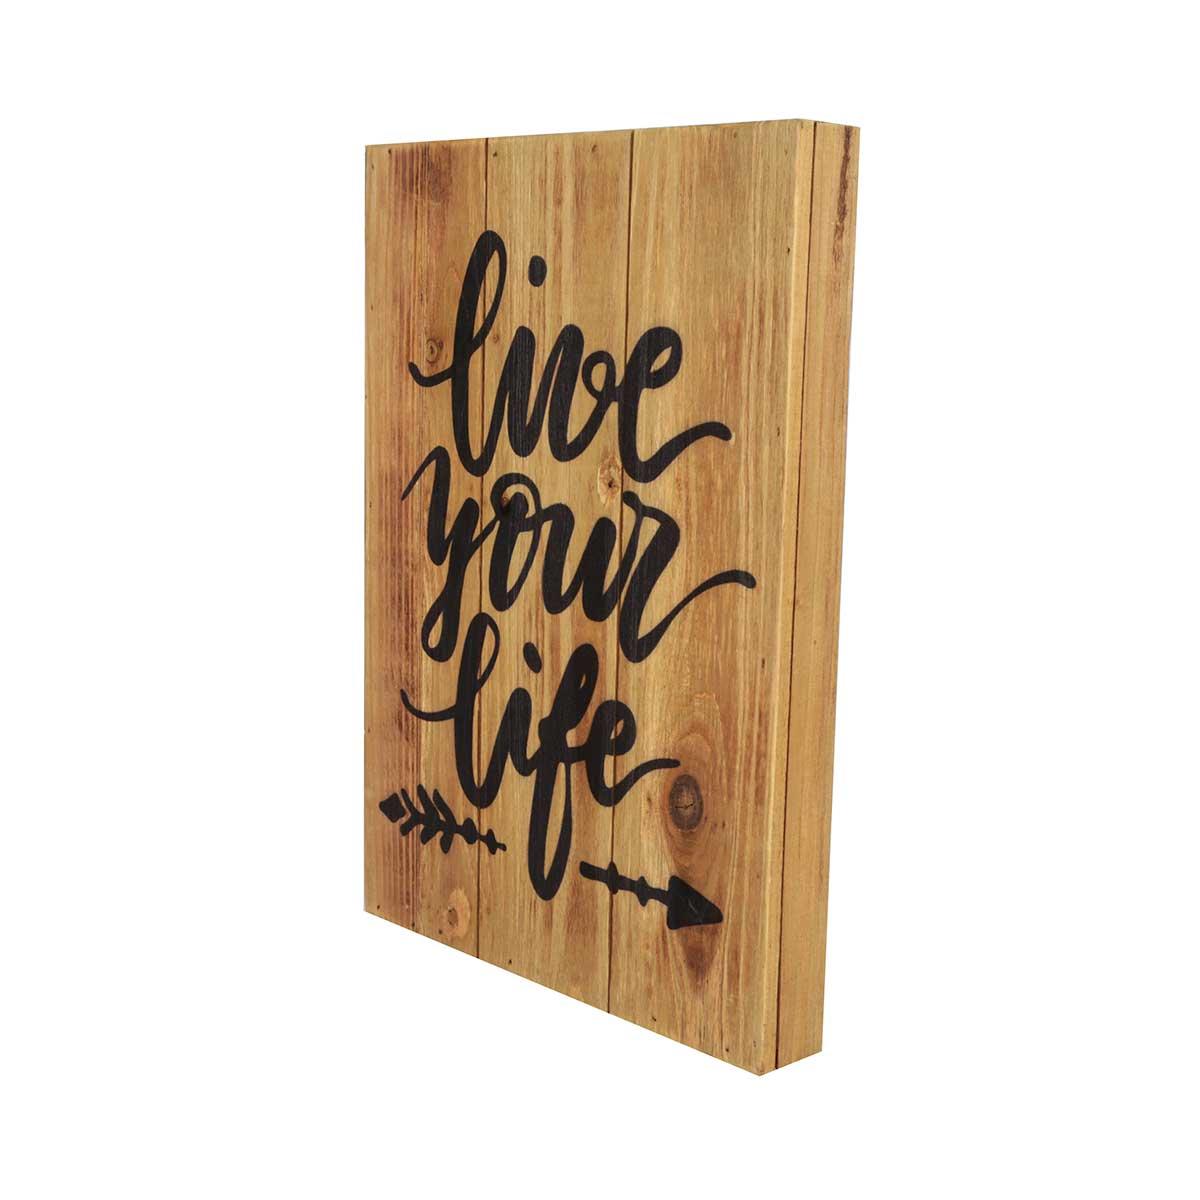 Quadro Placa de Madeira Decorativo Rustic Live Your Life